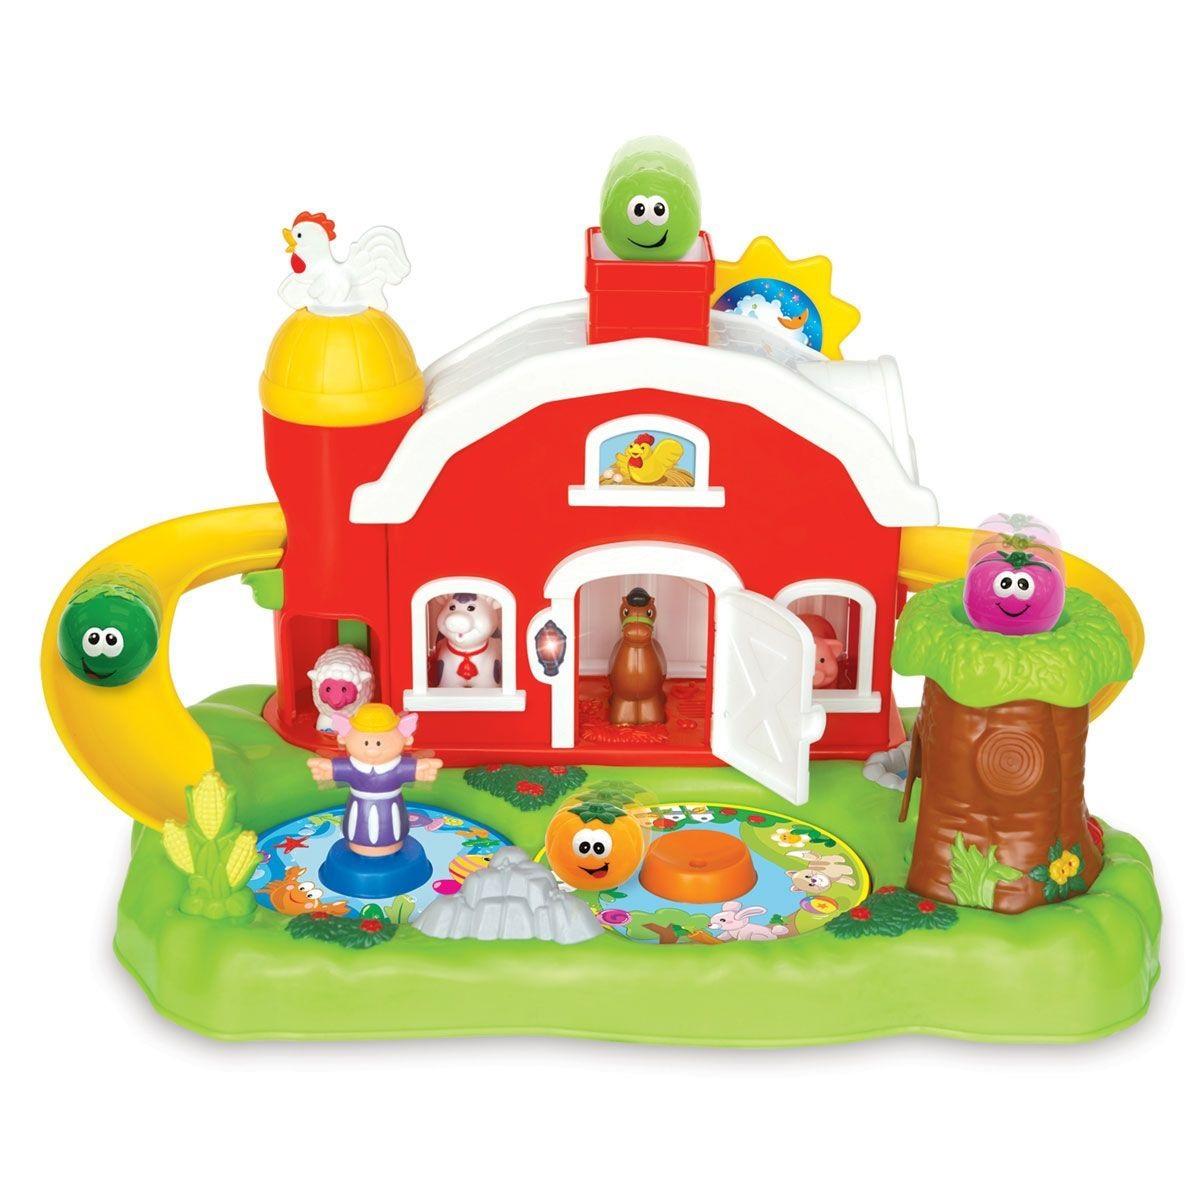 Развивающая игрушка Фермерский дворикРазвивающие игрушки KIDDIELAND<br>Развивающая игрушка Фермерский дворик<br>